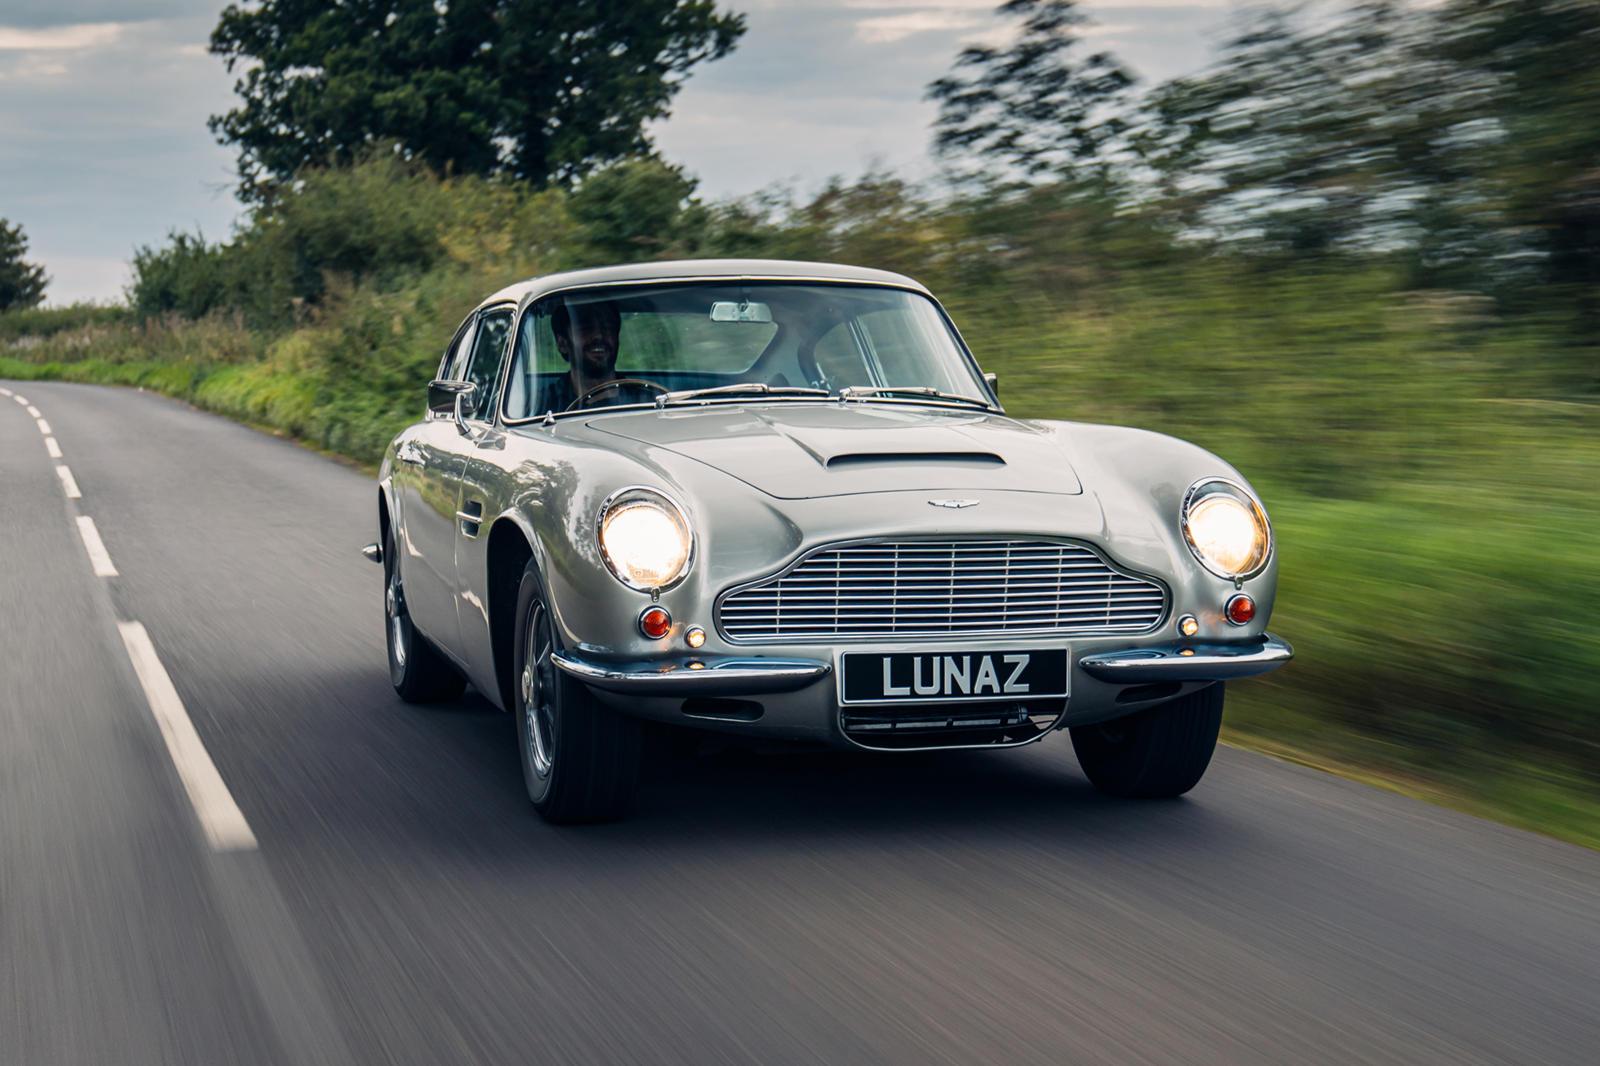 Lunaz Aston Martin DB6 (4).jpg